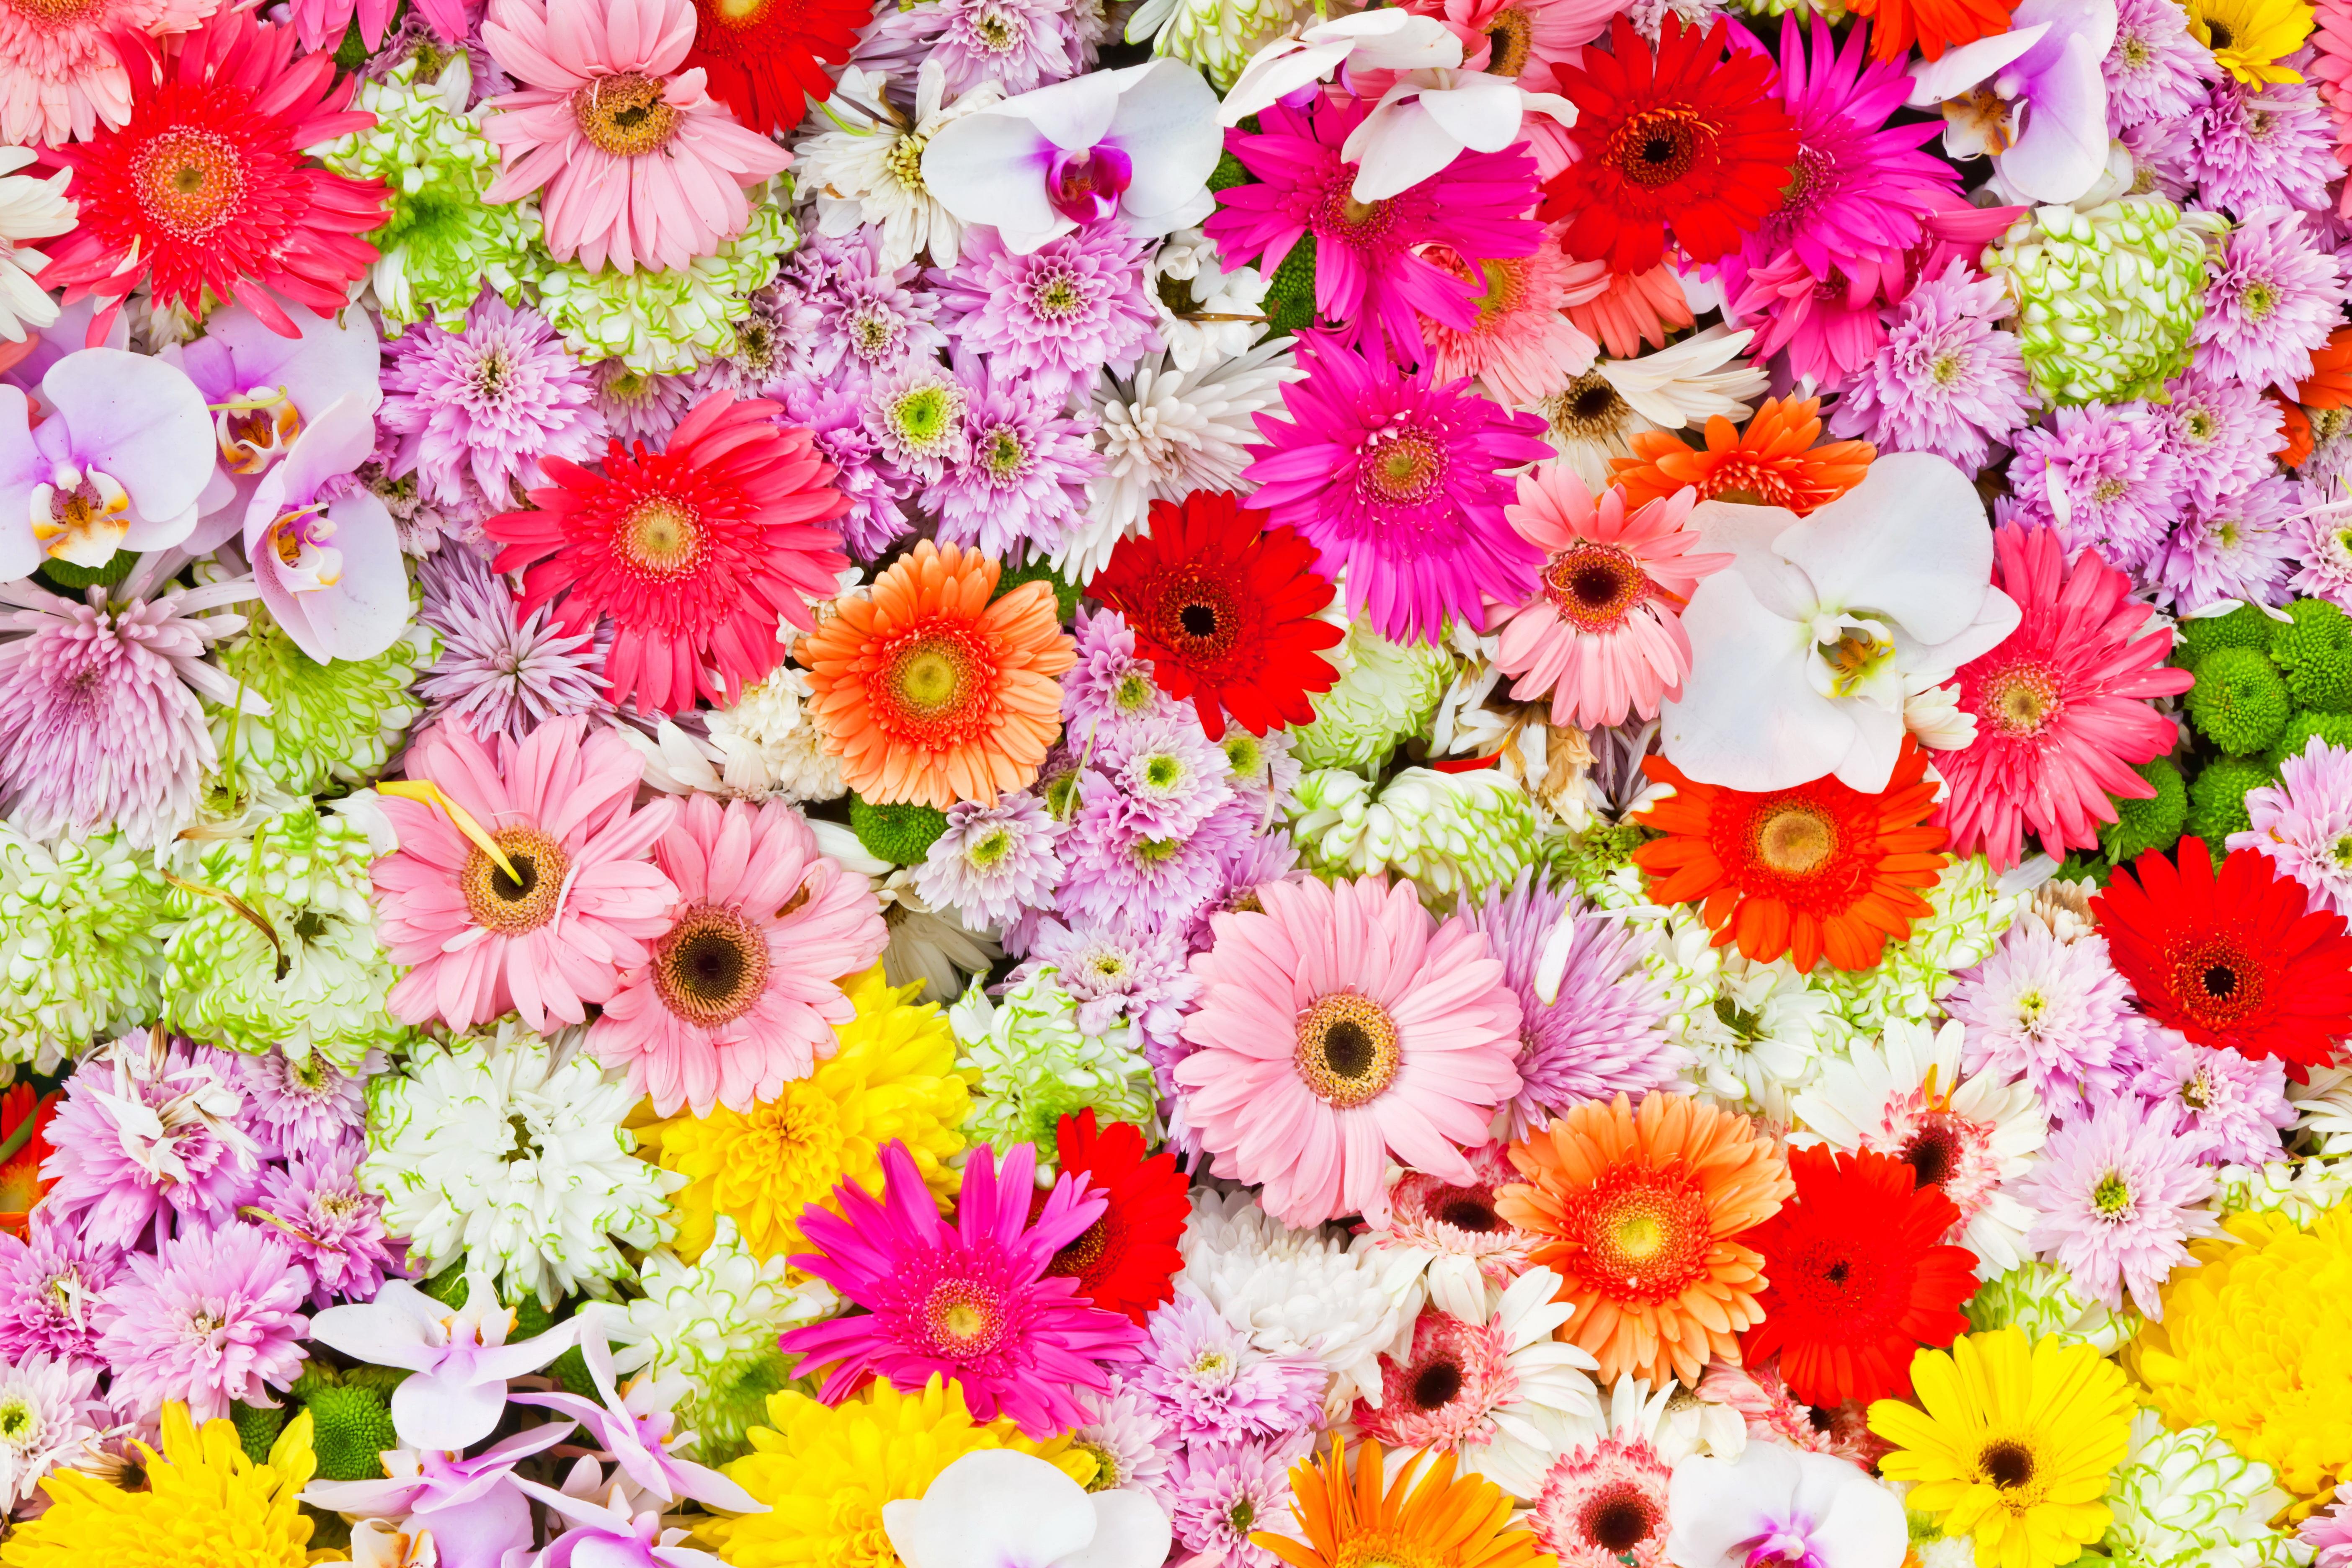 Осенние цветы в саду 65 Фото с названиями  HappyModern